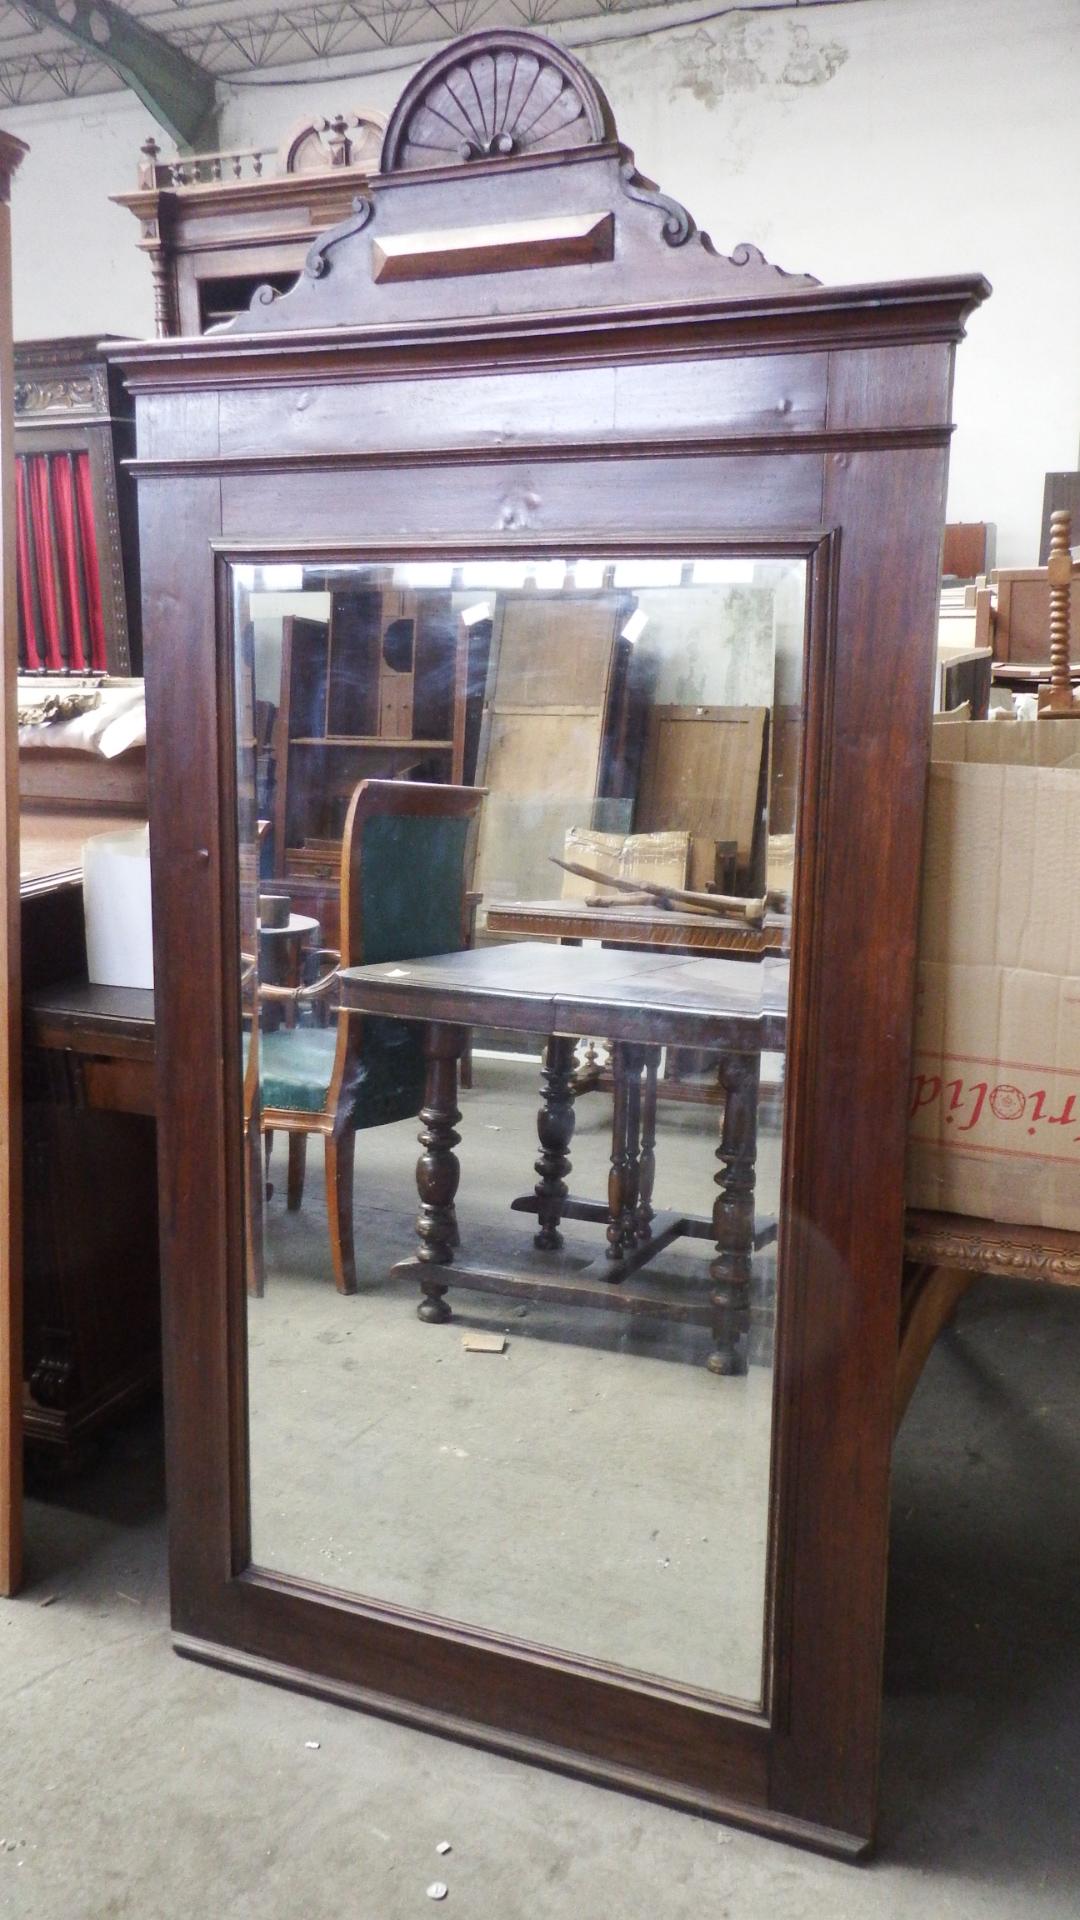 antigedades comercio decoracin dormitorio entrada espejos espejos hogar hostelera mobiliario saln vintage